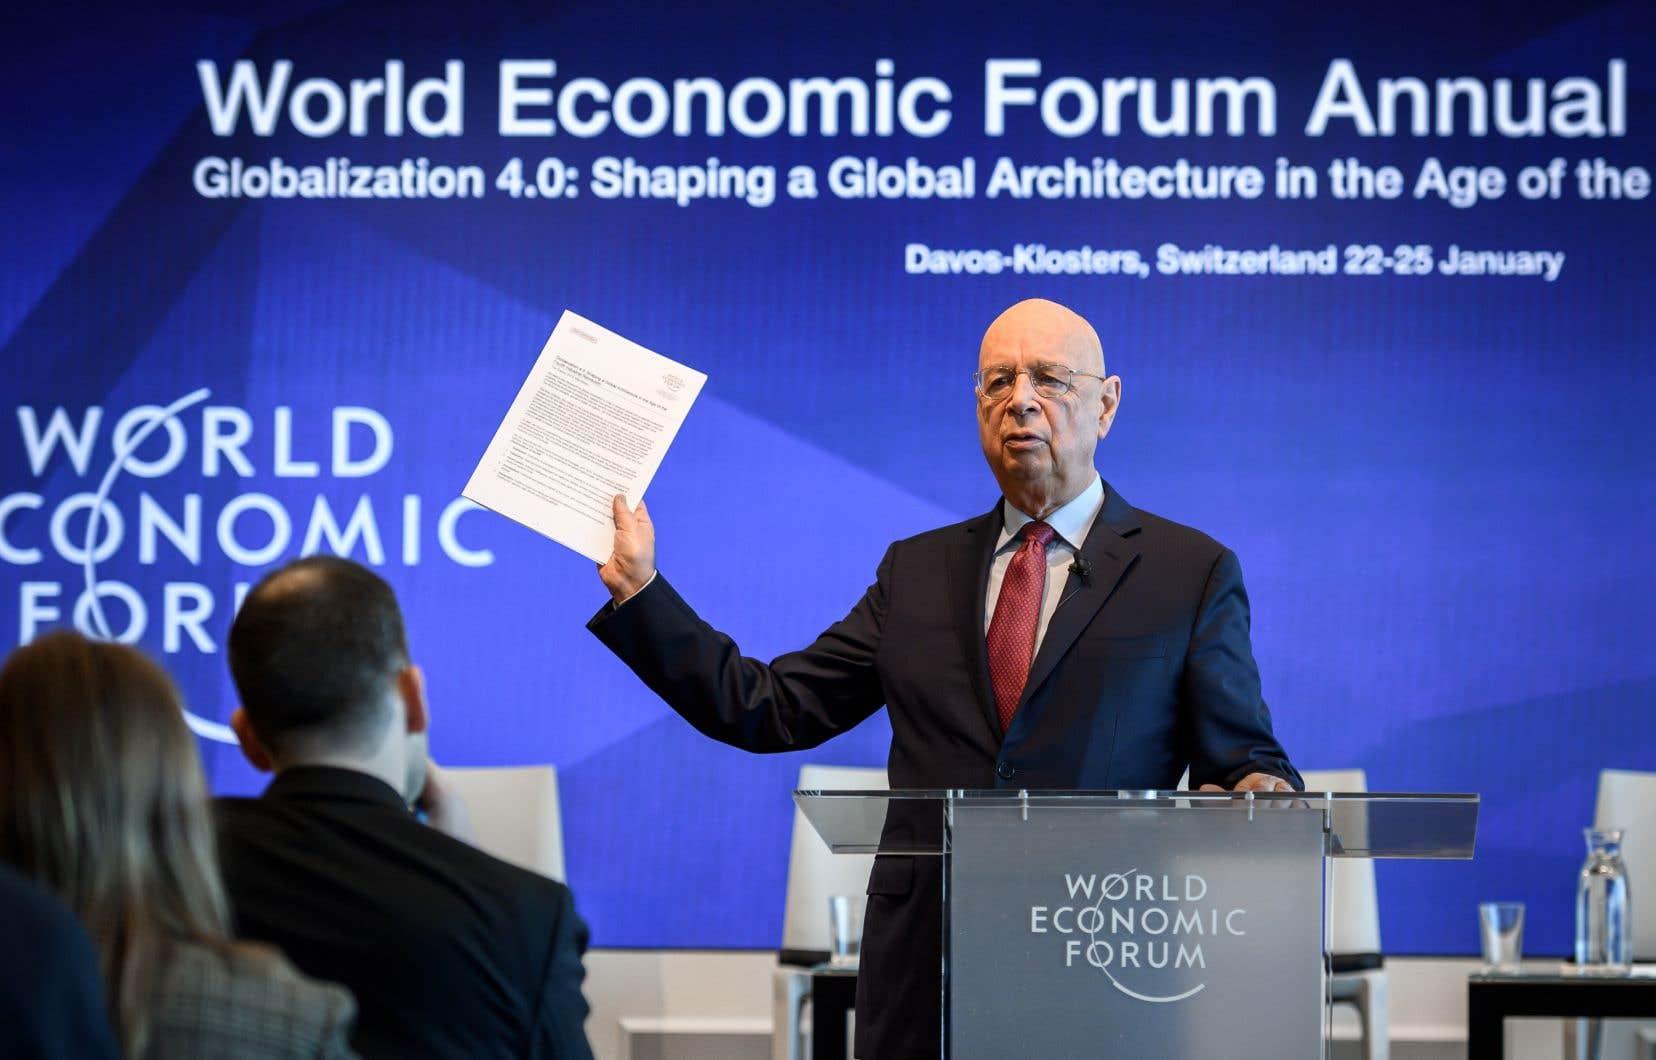 Klaus Schwab, fondateur du forum, défend une vision cohérente du monde d'aujourd'hui qui s'expose en deux volets.